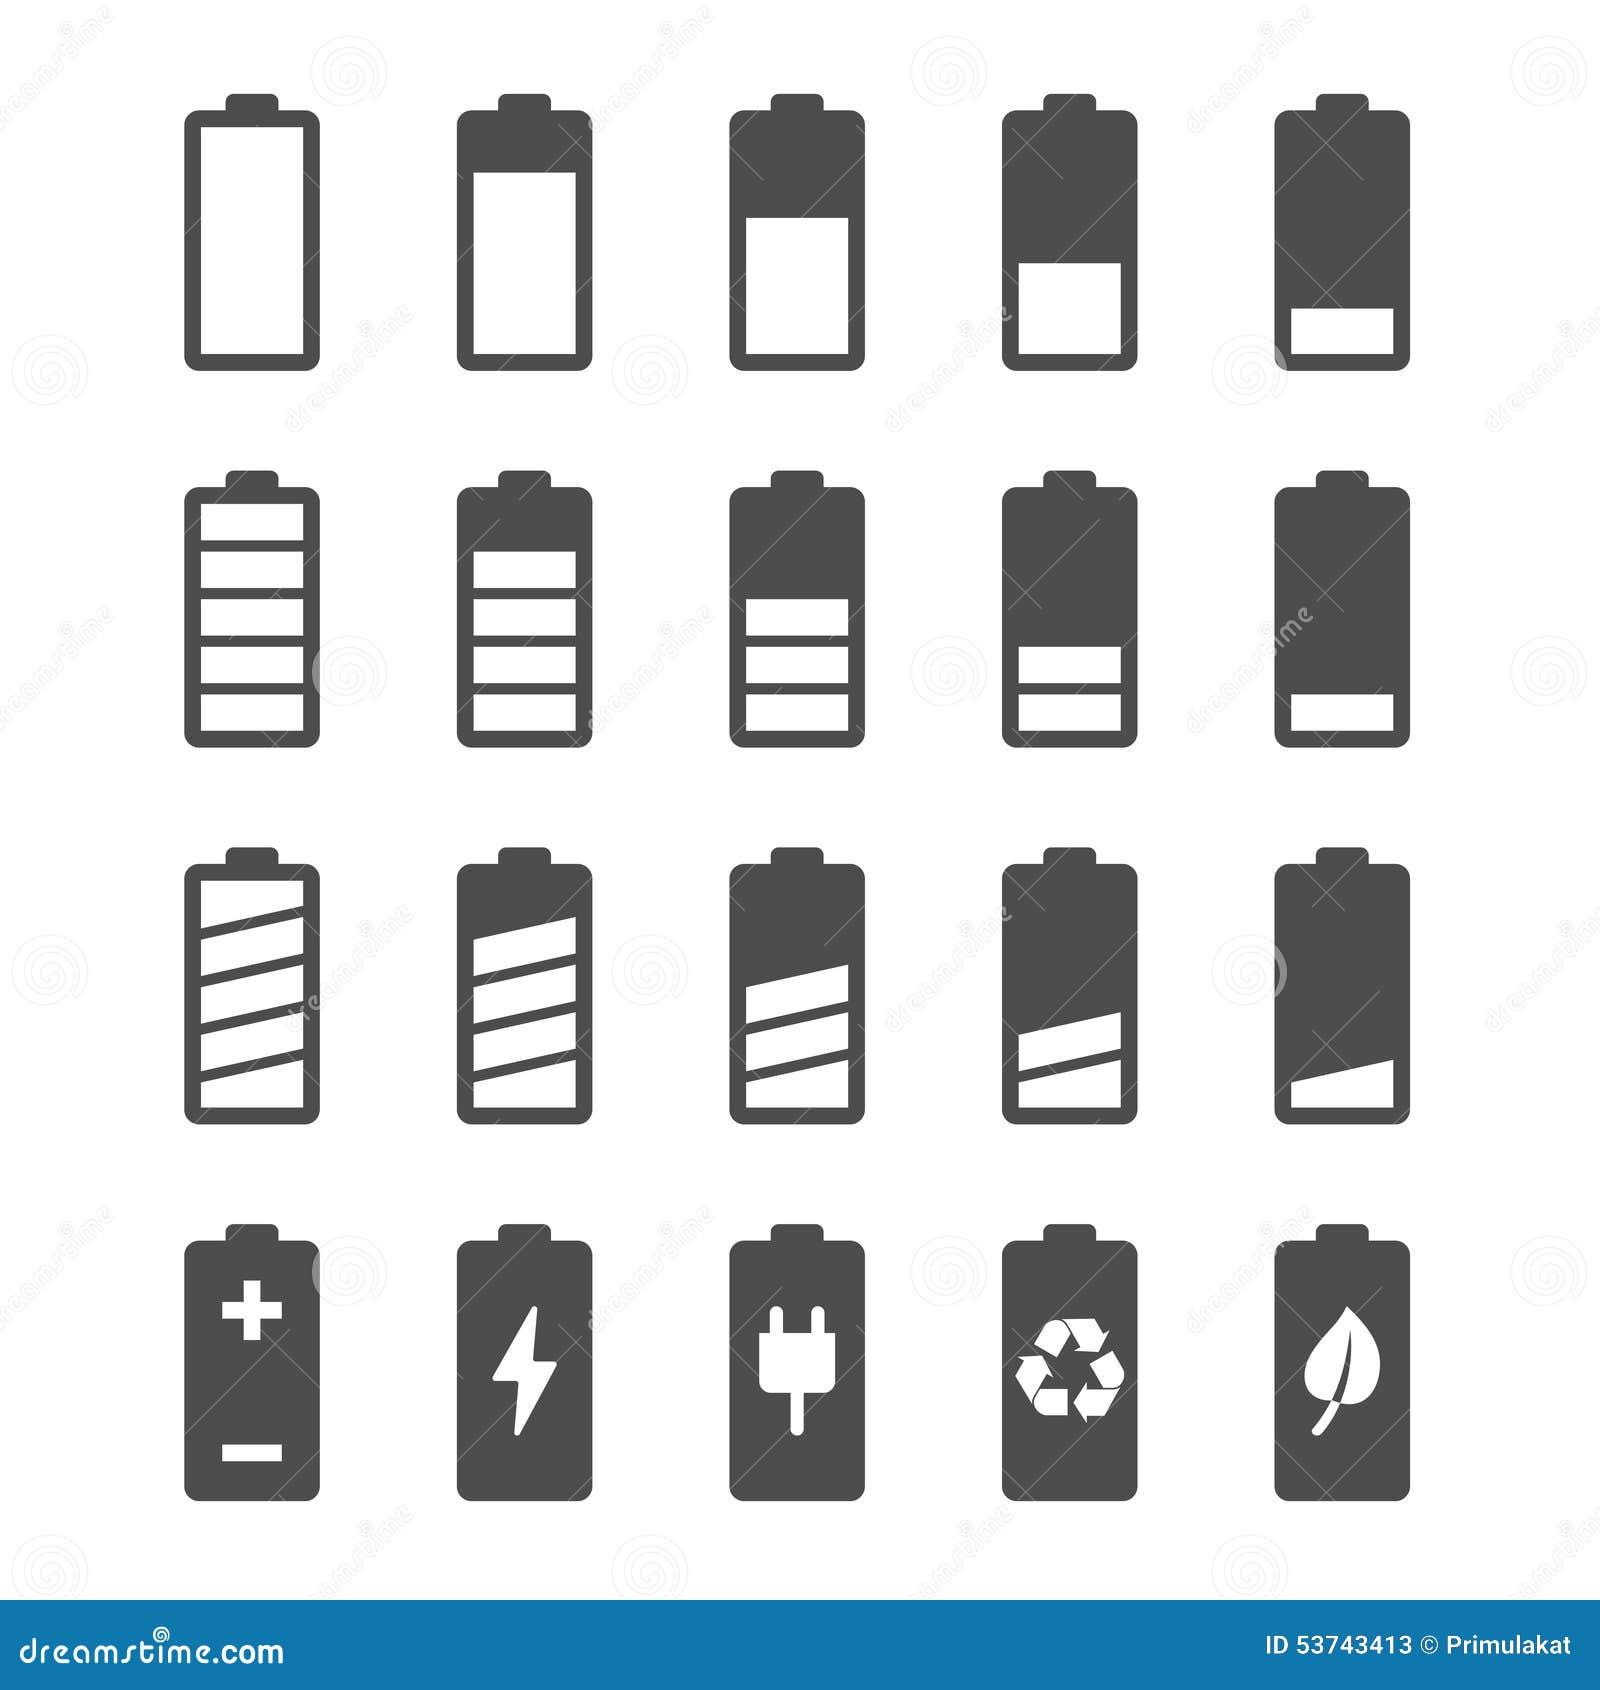 Batterisymbolsuppsättning med jämna indikatorer för laddning